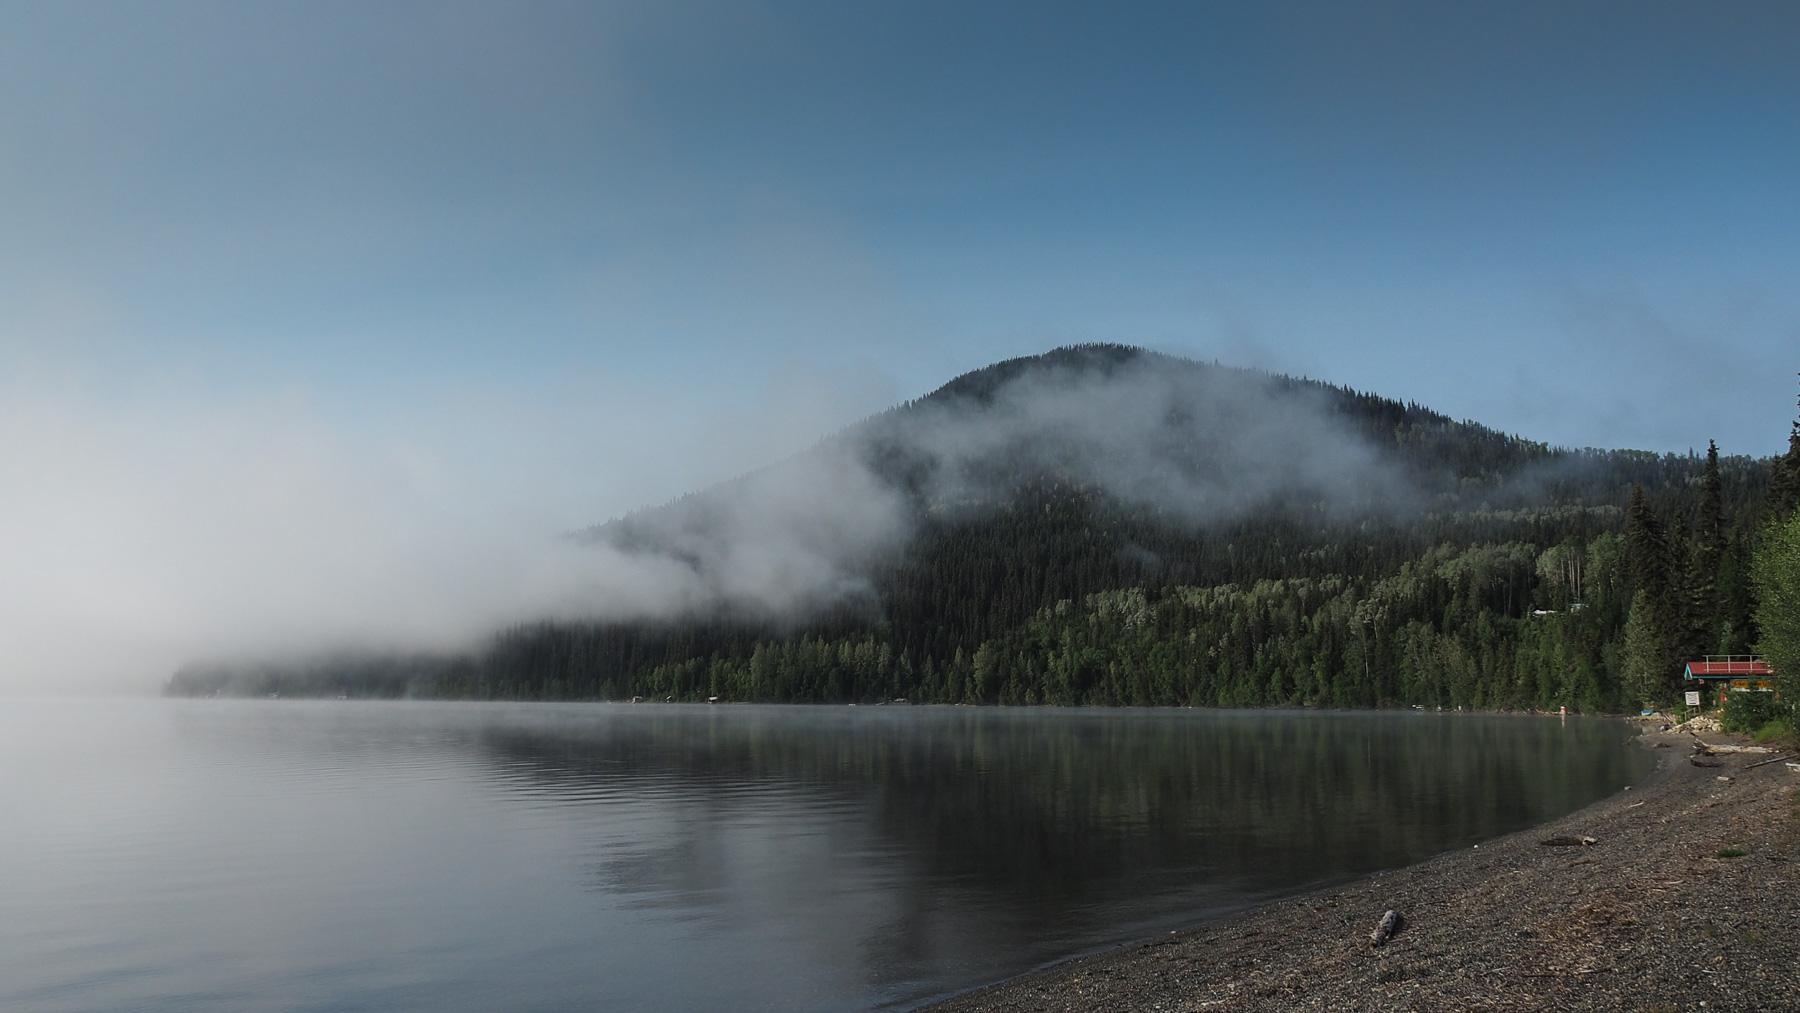 Bowron Lake, der Nebel lichtet sich